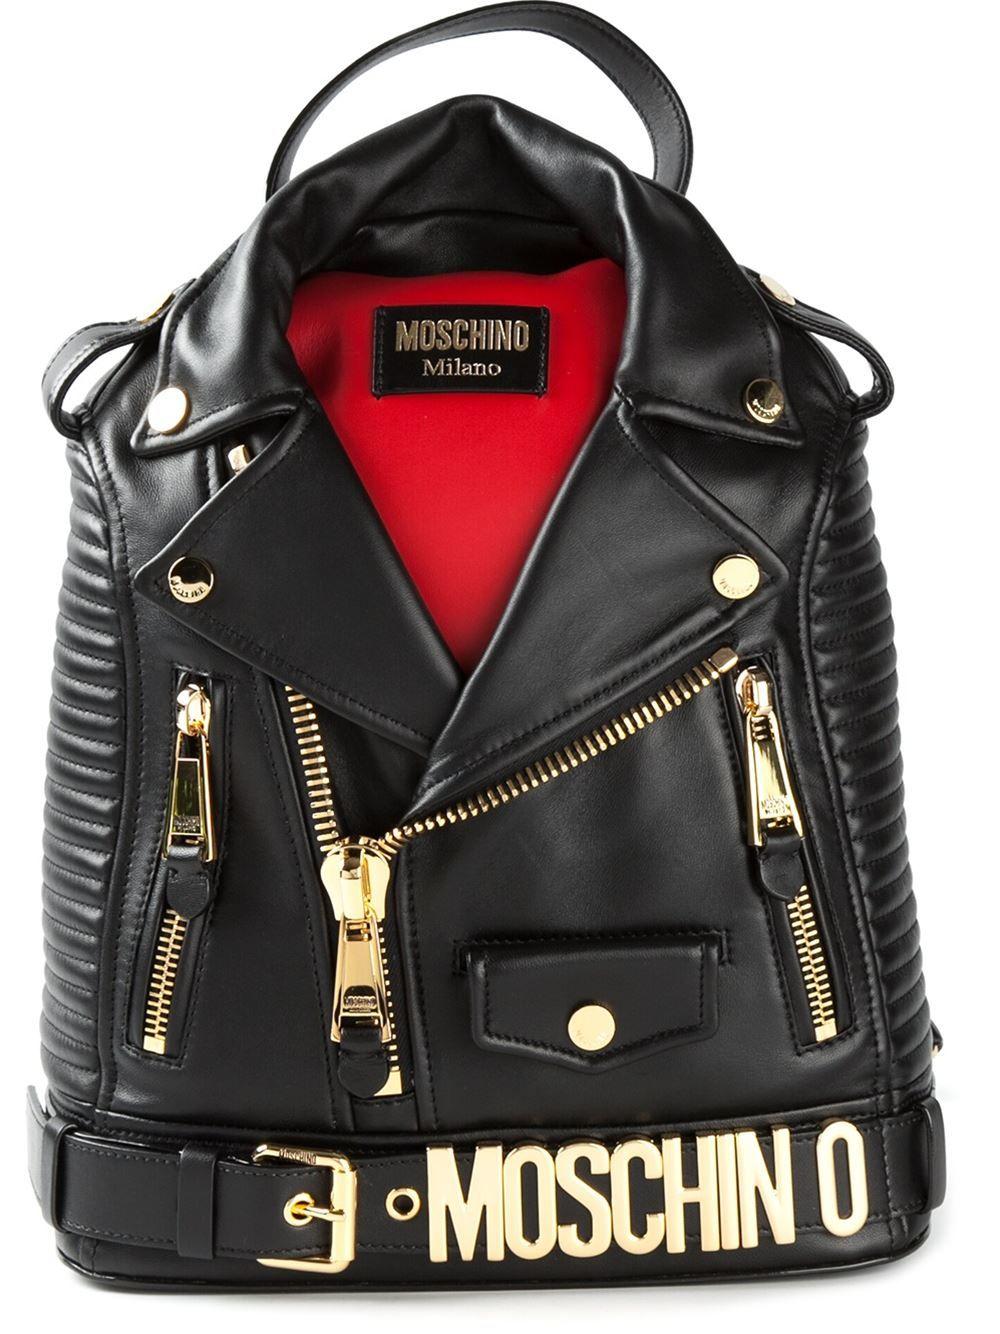 960ee785ef9 Moschino Mochila De Couro - Stefania Mode - Farfetch.com